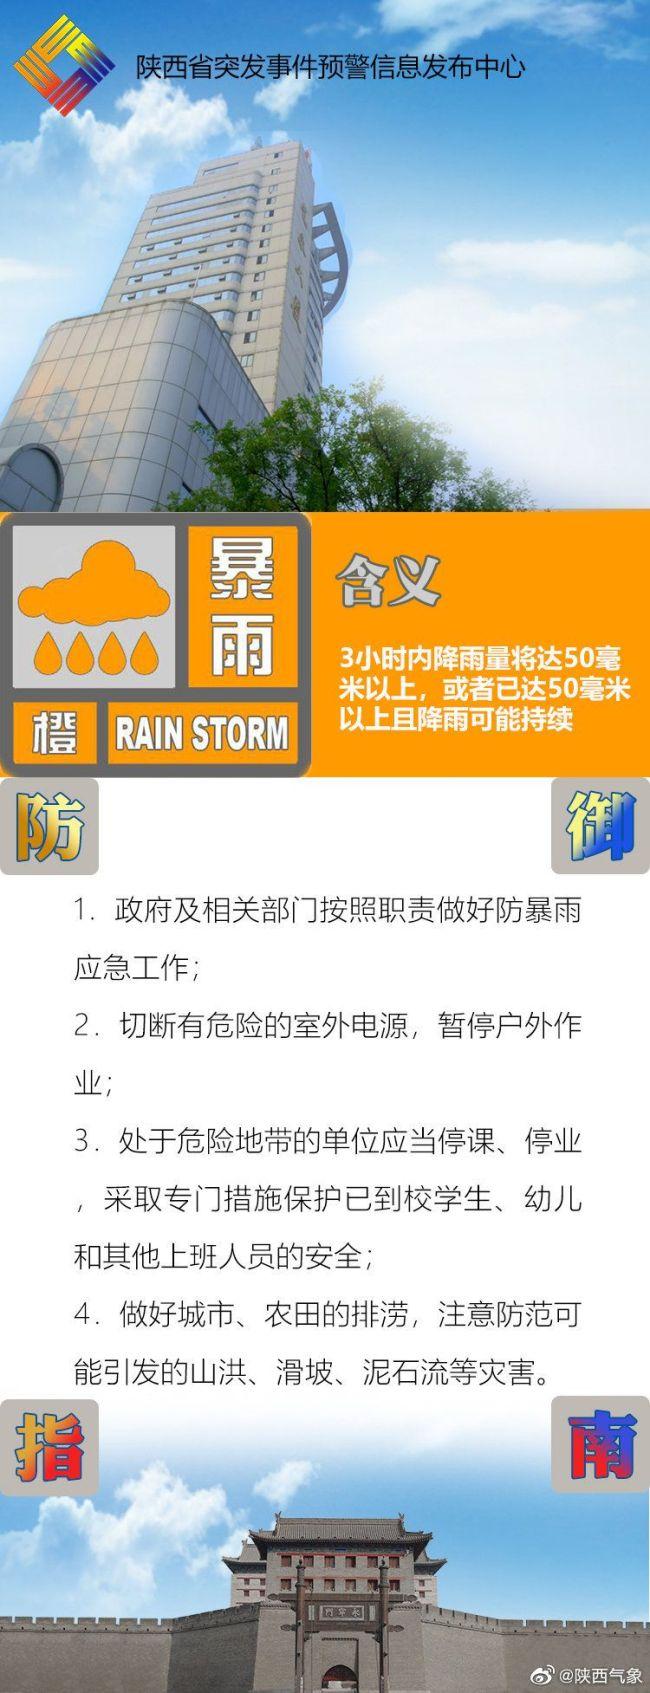 陕西发布暴雨橙色预警